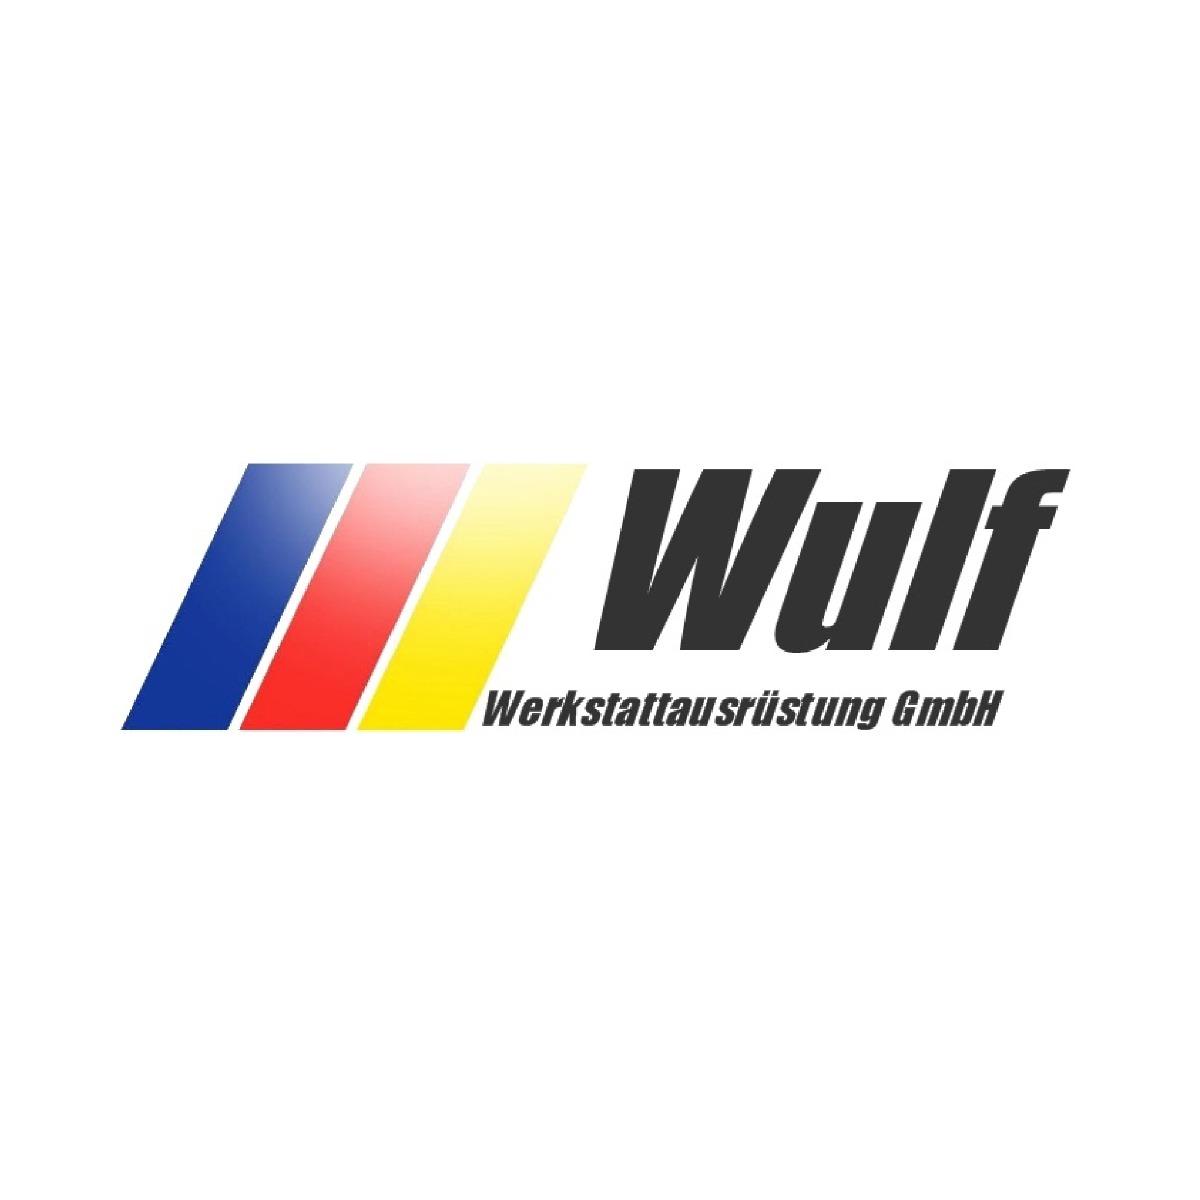 Wulf Werkstattausrüstung GmbH